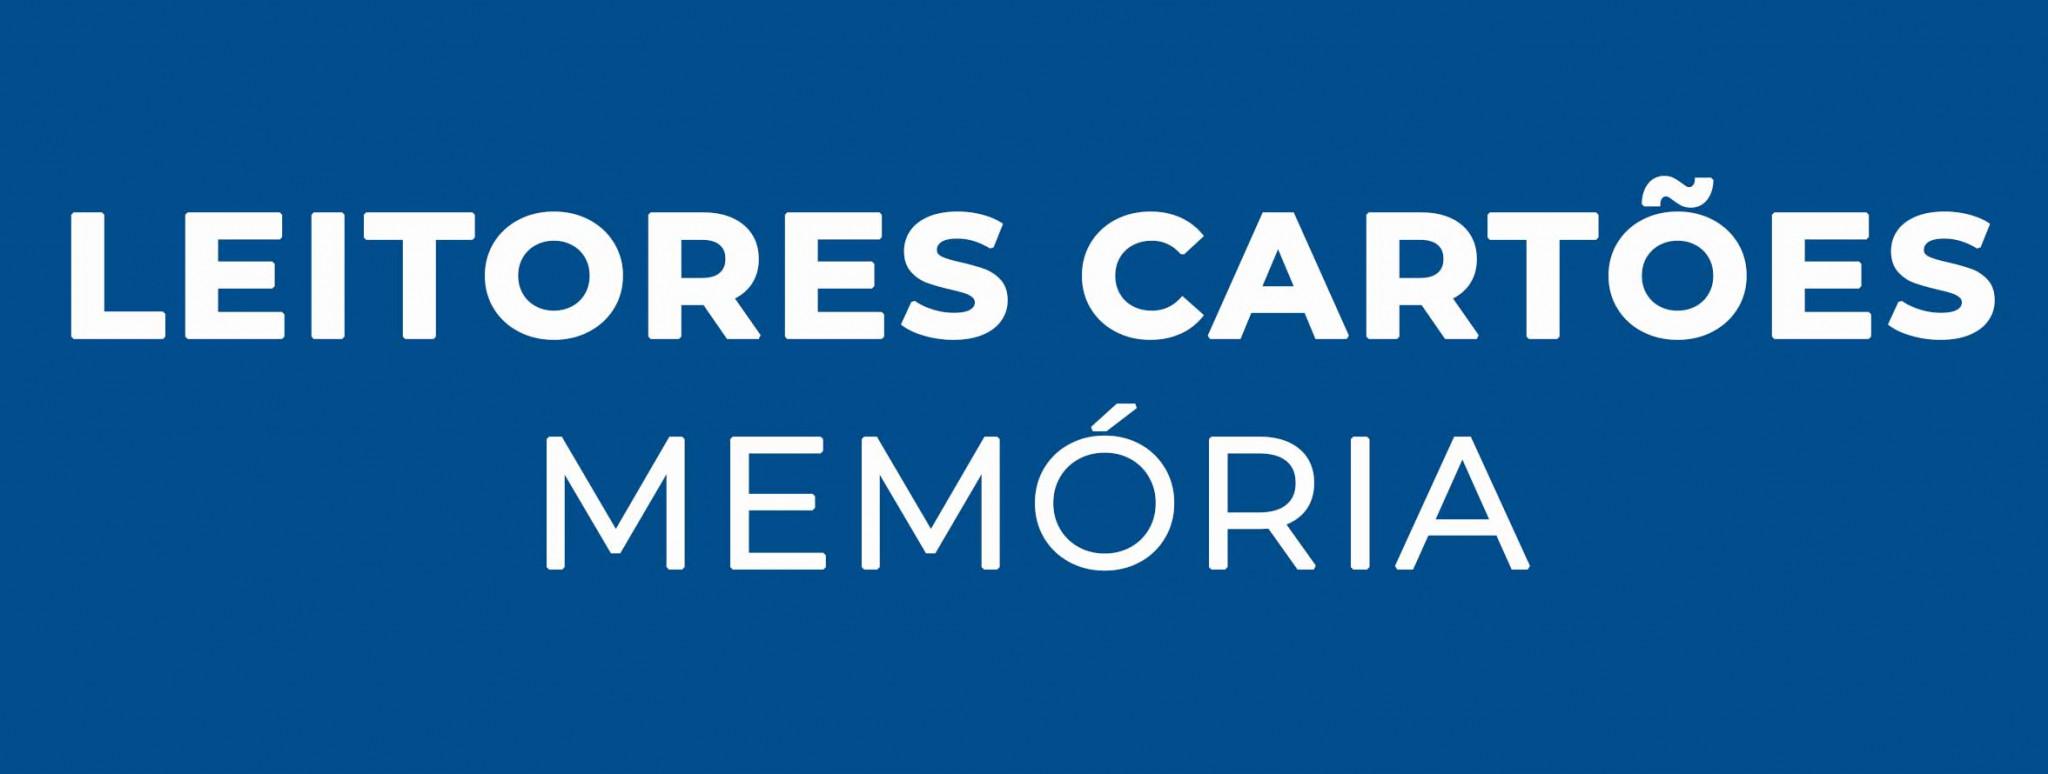 Leitores de Cartões Memória